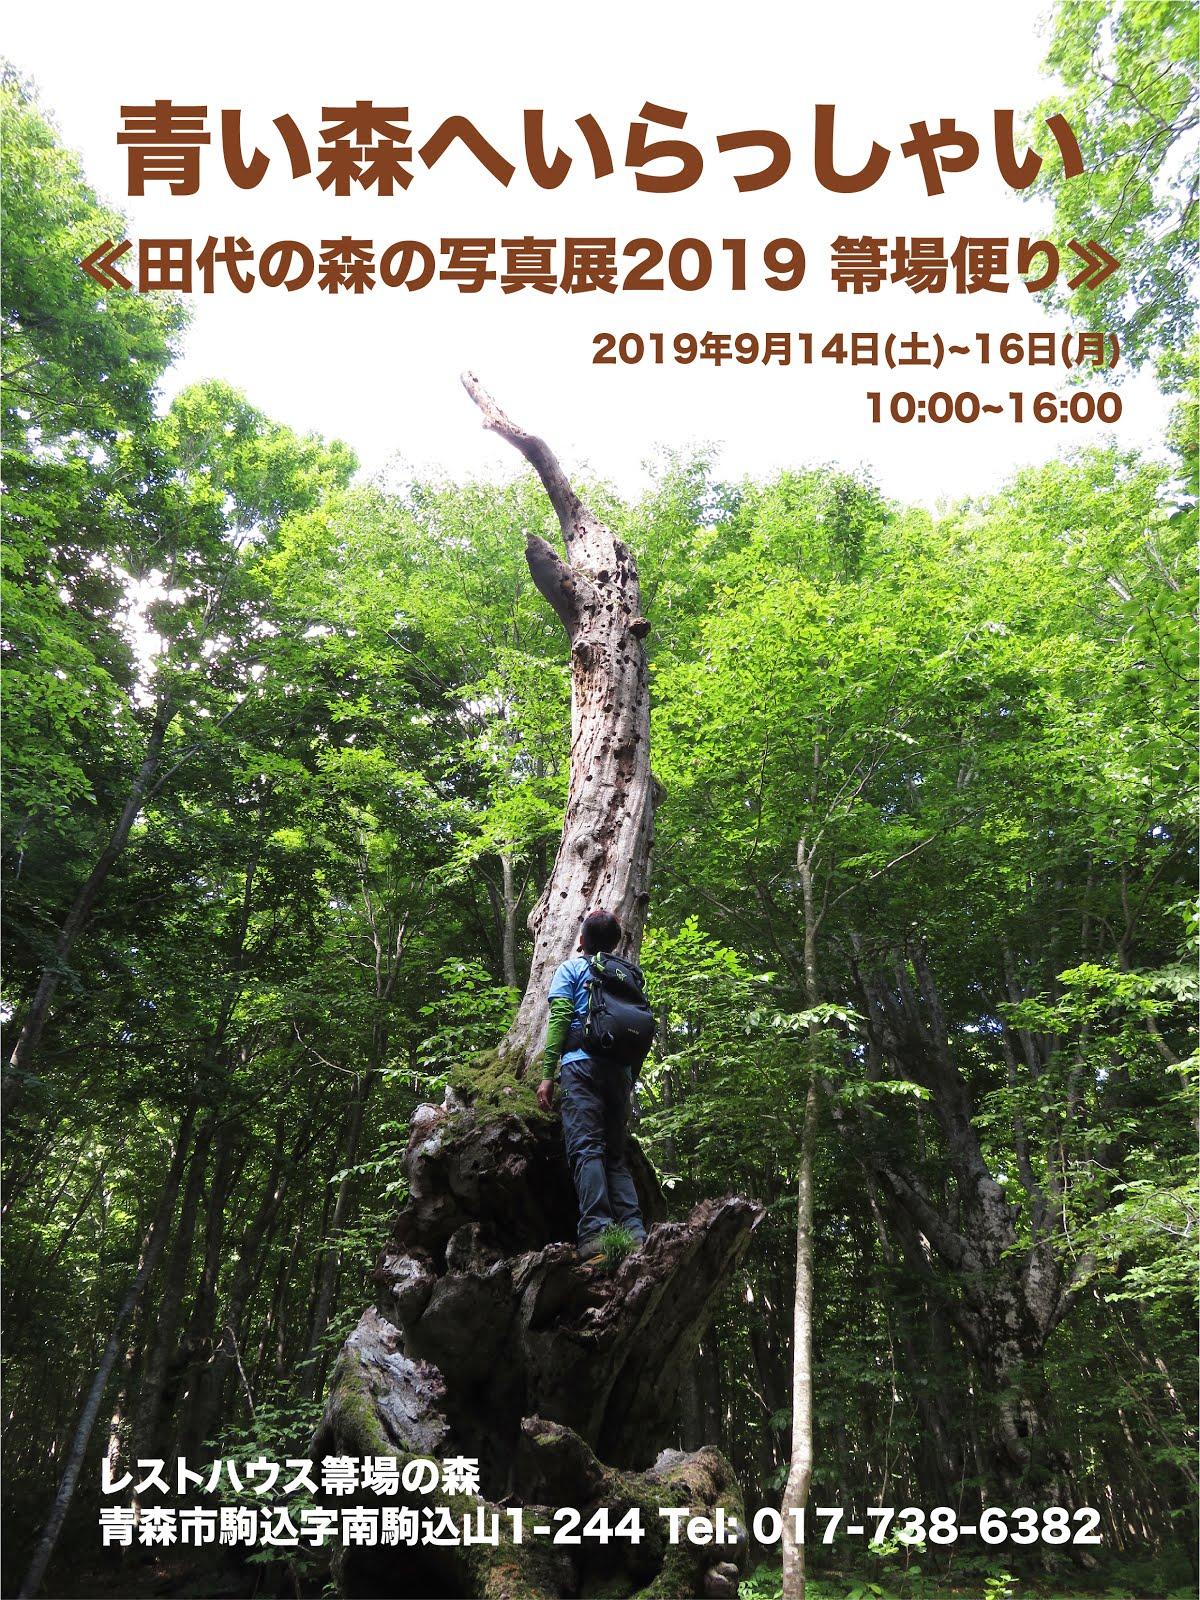 ≪田代の森の写真展2019 箒場便り≫